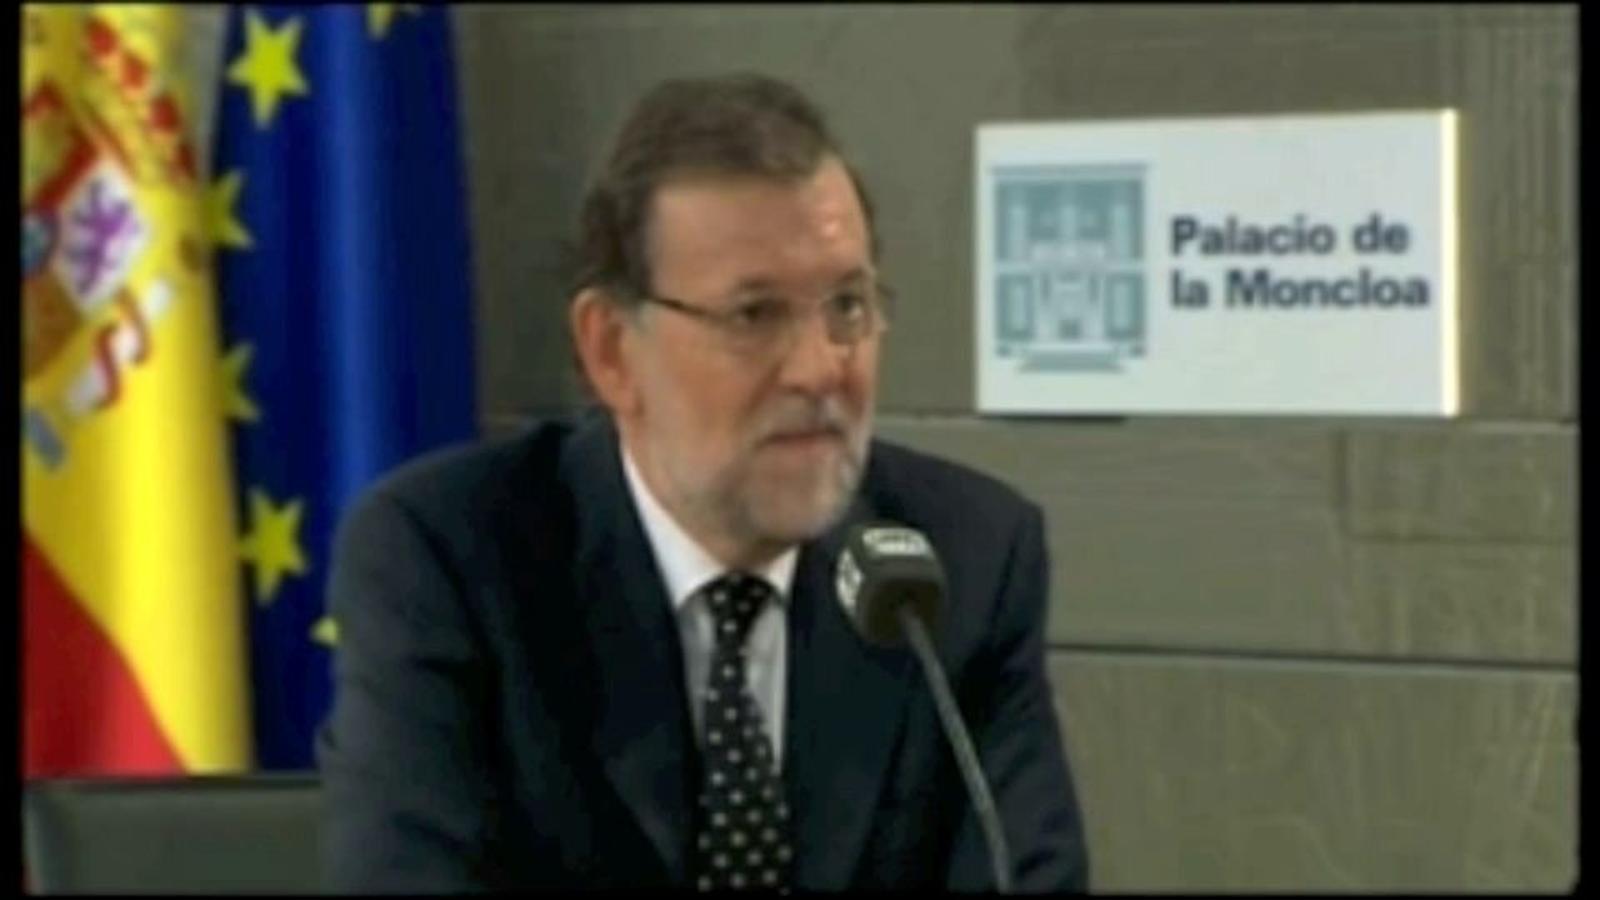 L'embolic de Rajoy sobre la nacionalitat i la ciutadania europea dels catalans independitzats, a Onda Cero